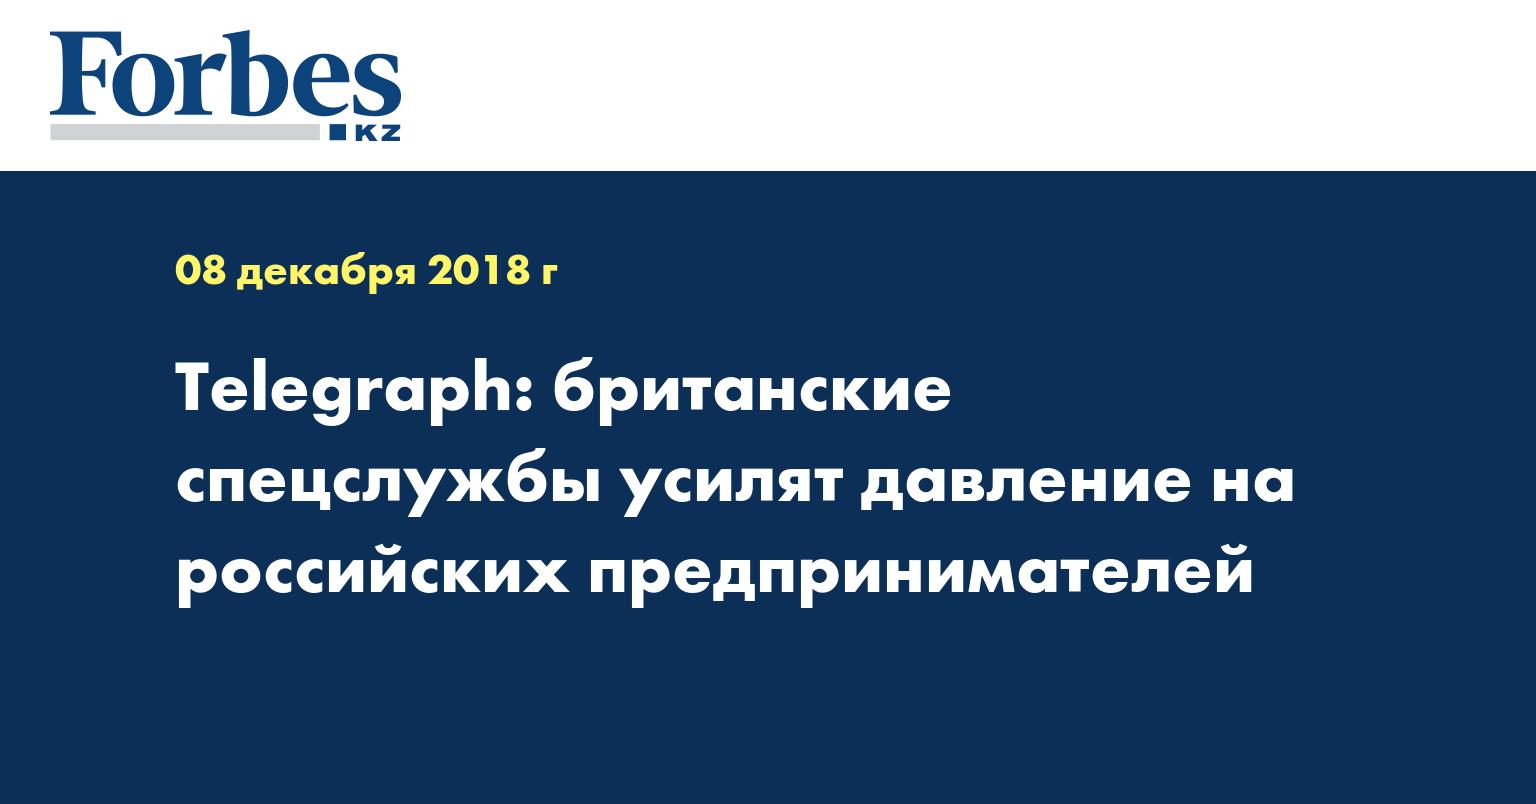 Telegraph: британские спецслужбы усилят давление на российских предпринимателей